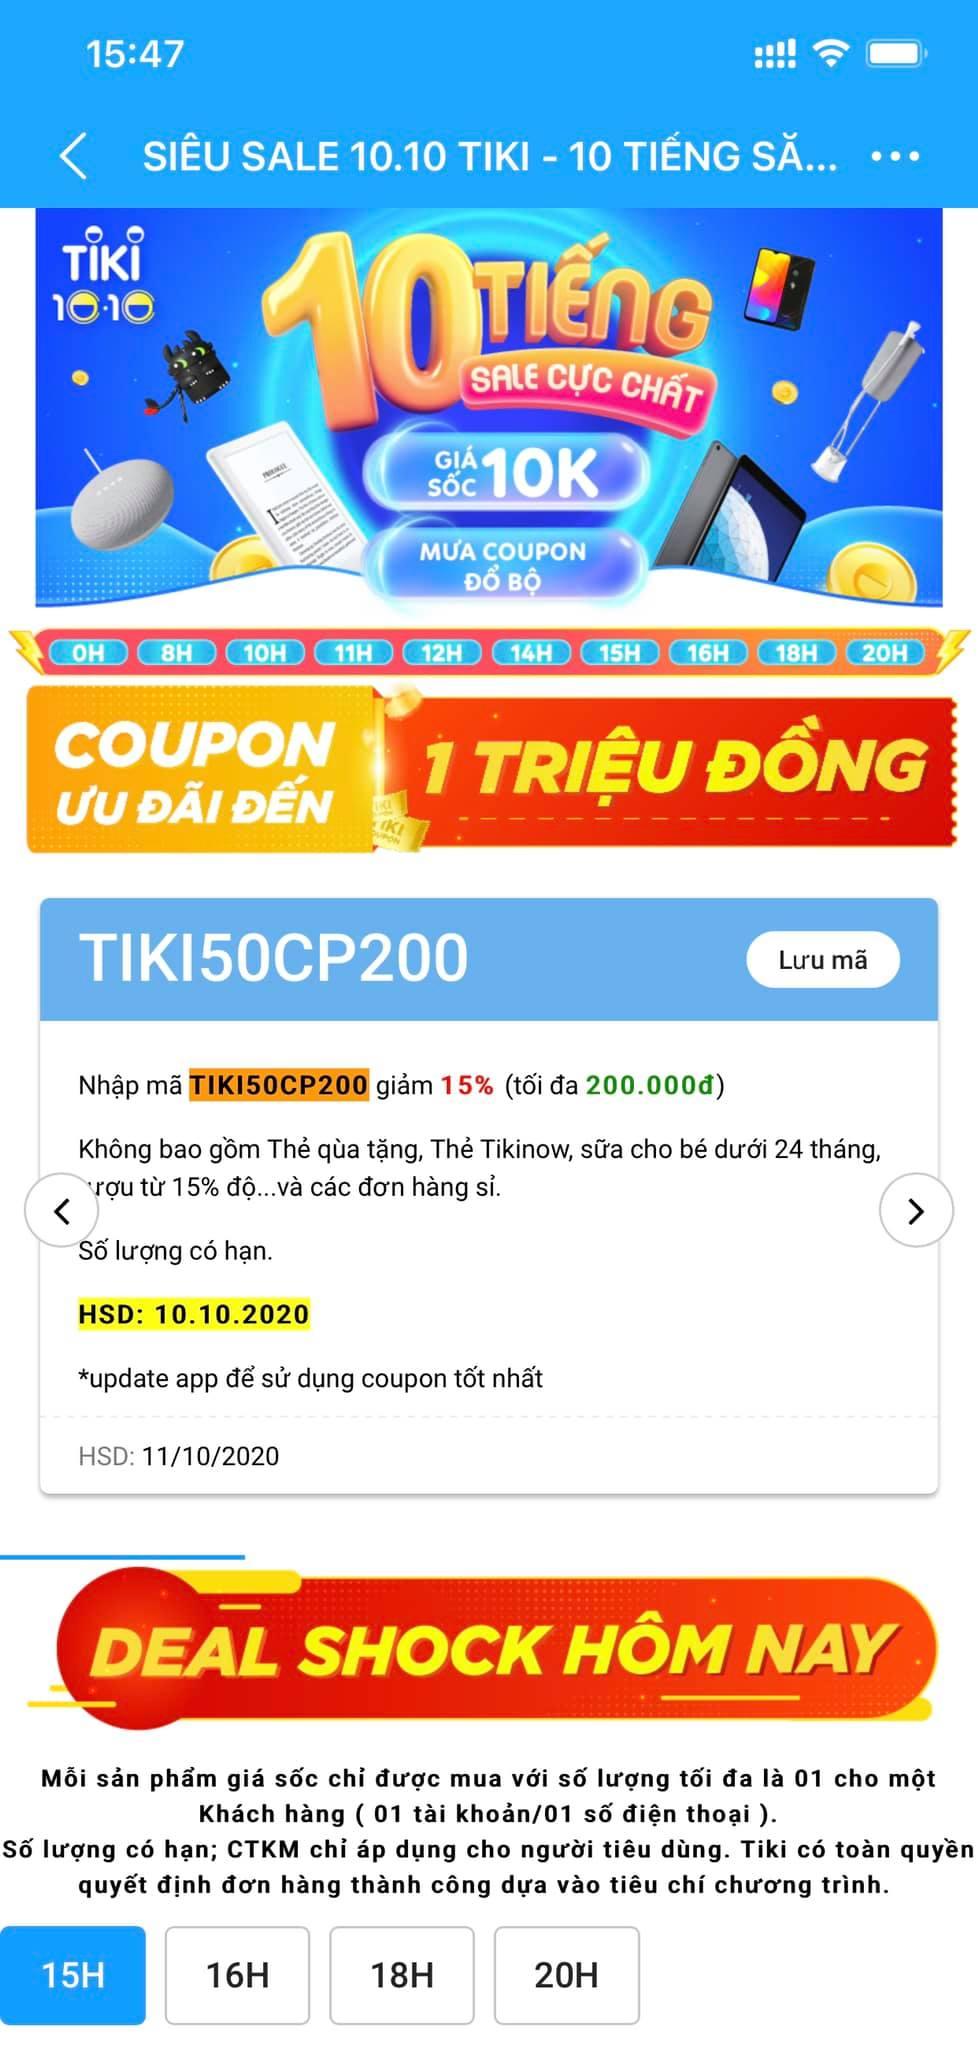 deal-tiki-10-10-thai-pham-blog